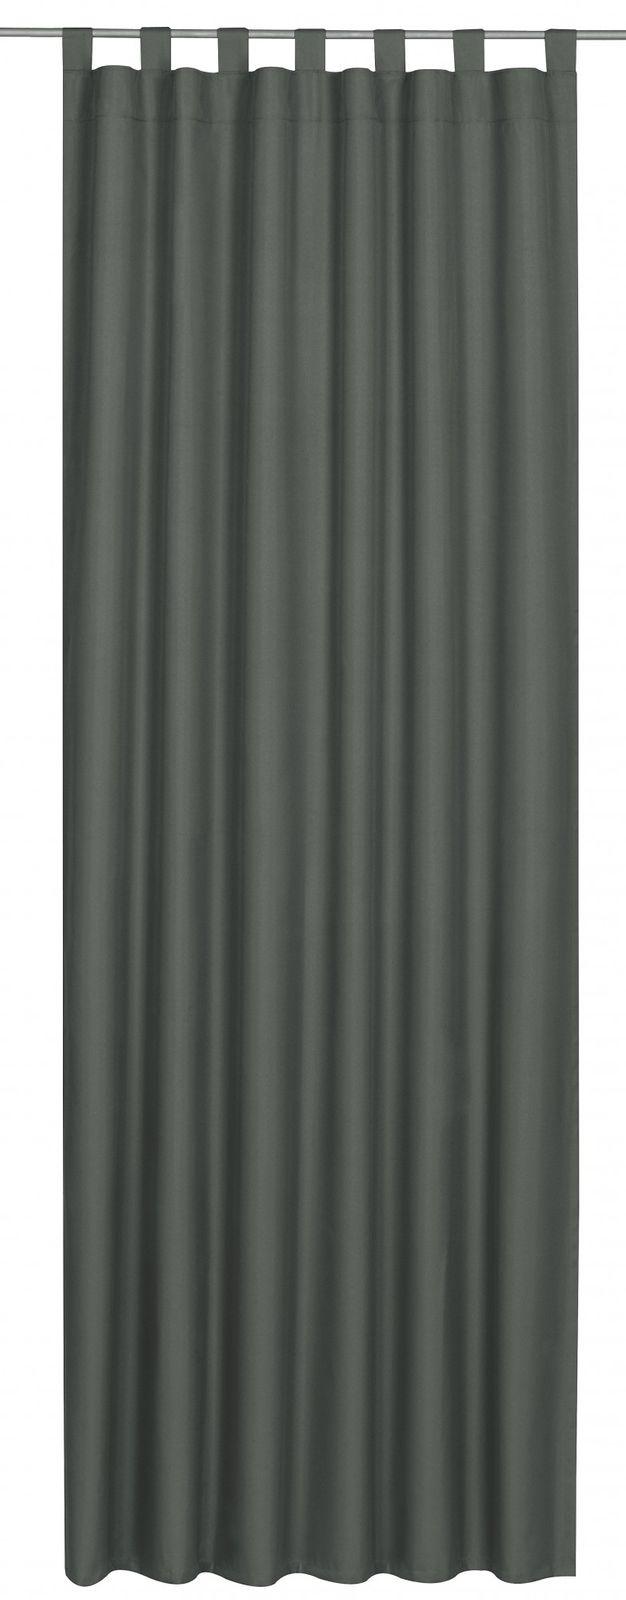 schlaufenschal twilight verdunklungsstoff grau 194123. Black Bedroom Furniture Sets. Home Design Ideas